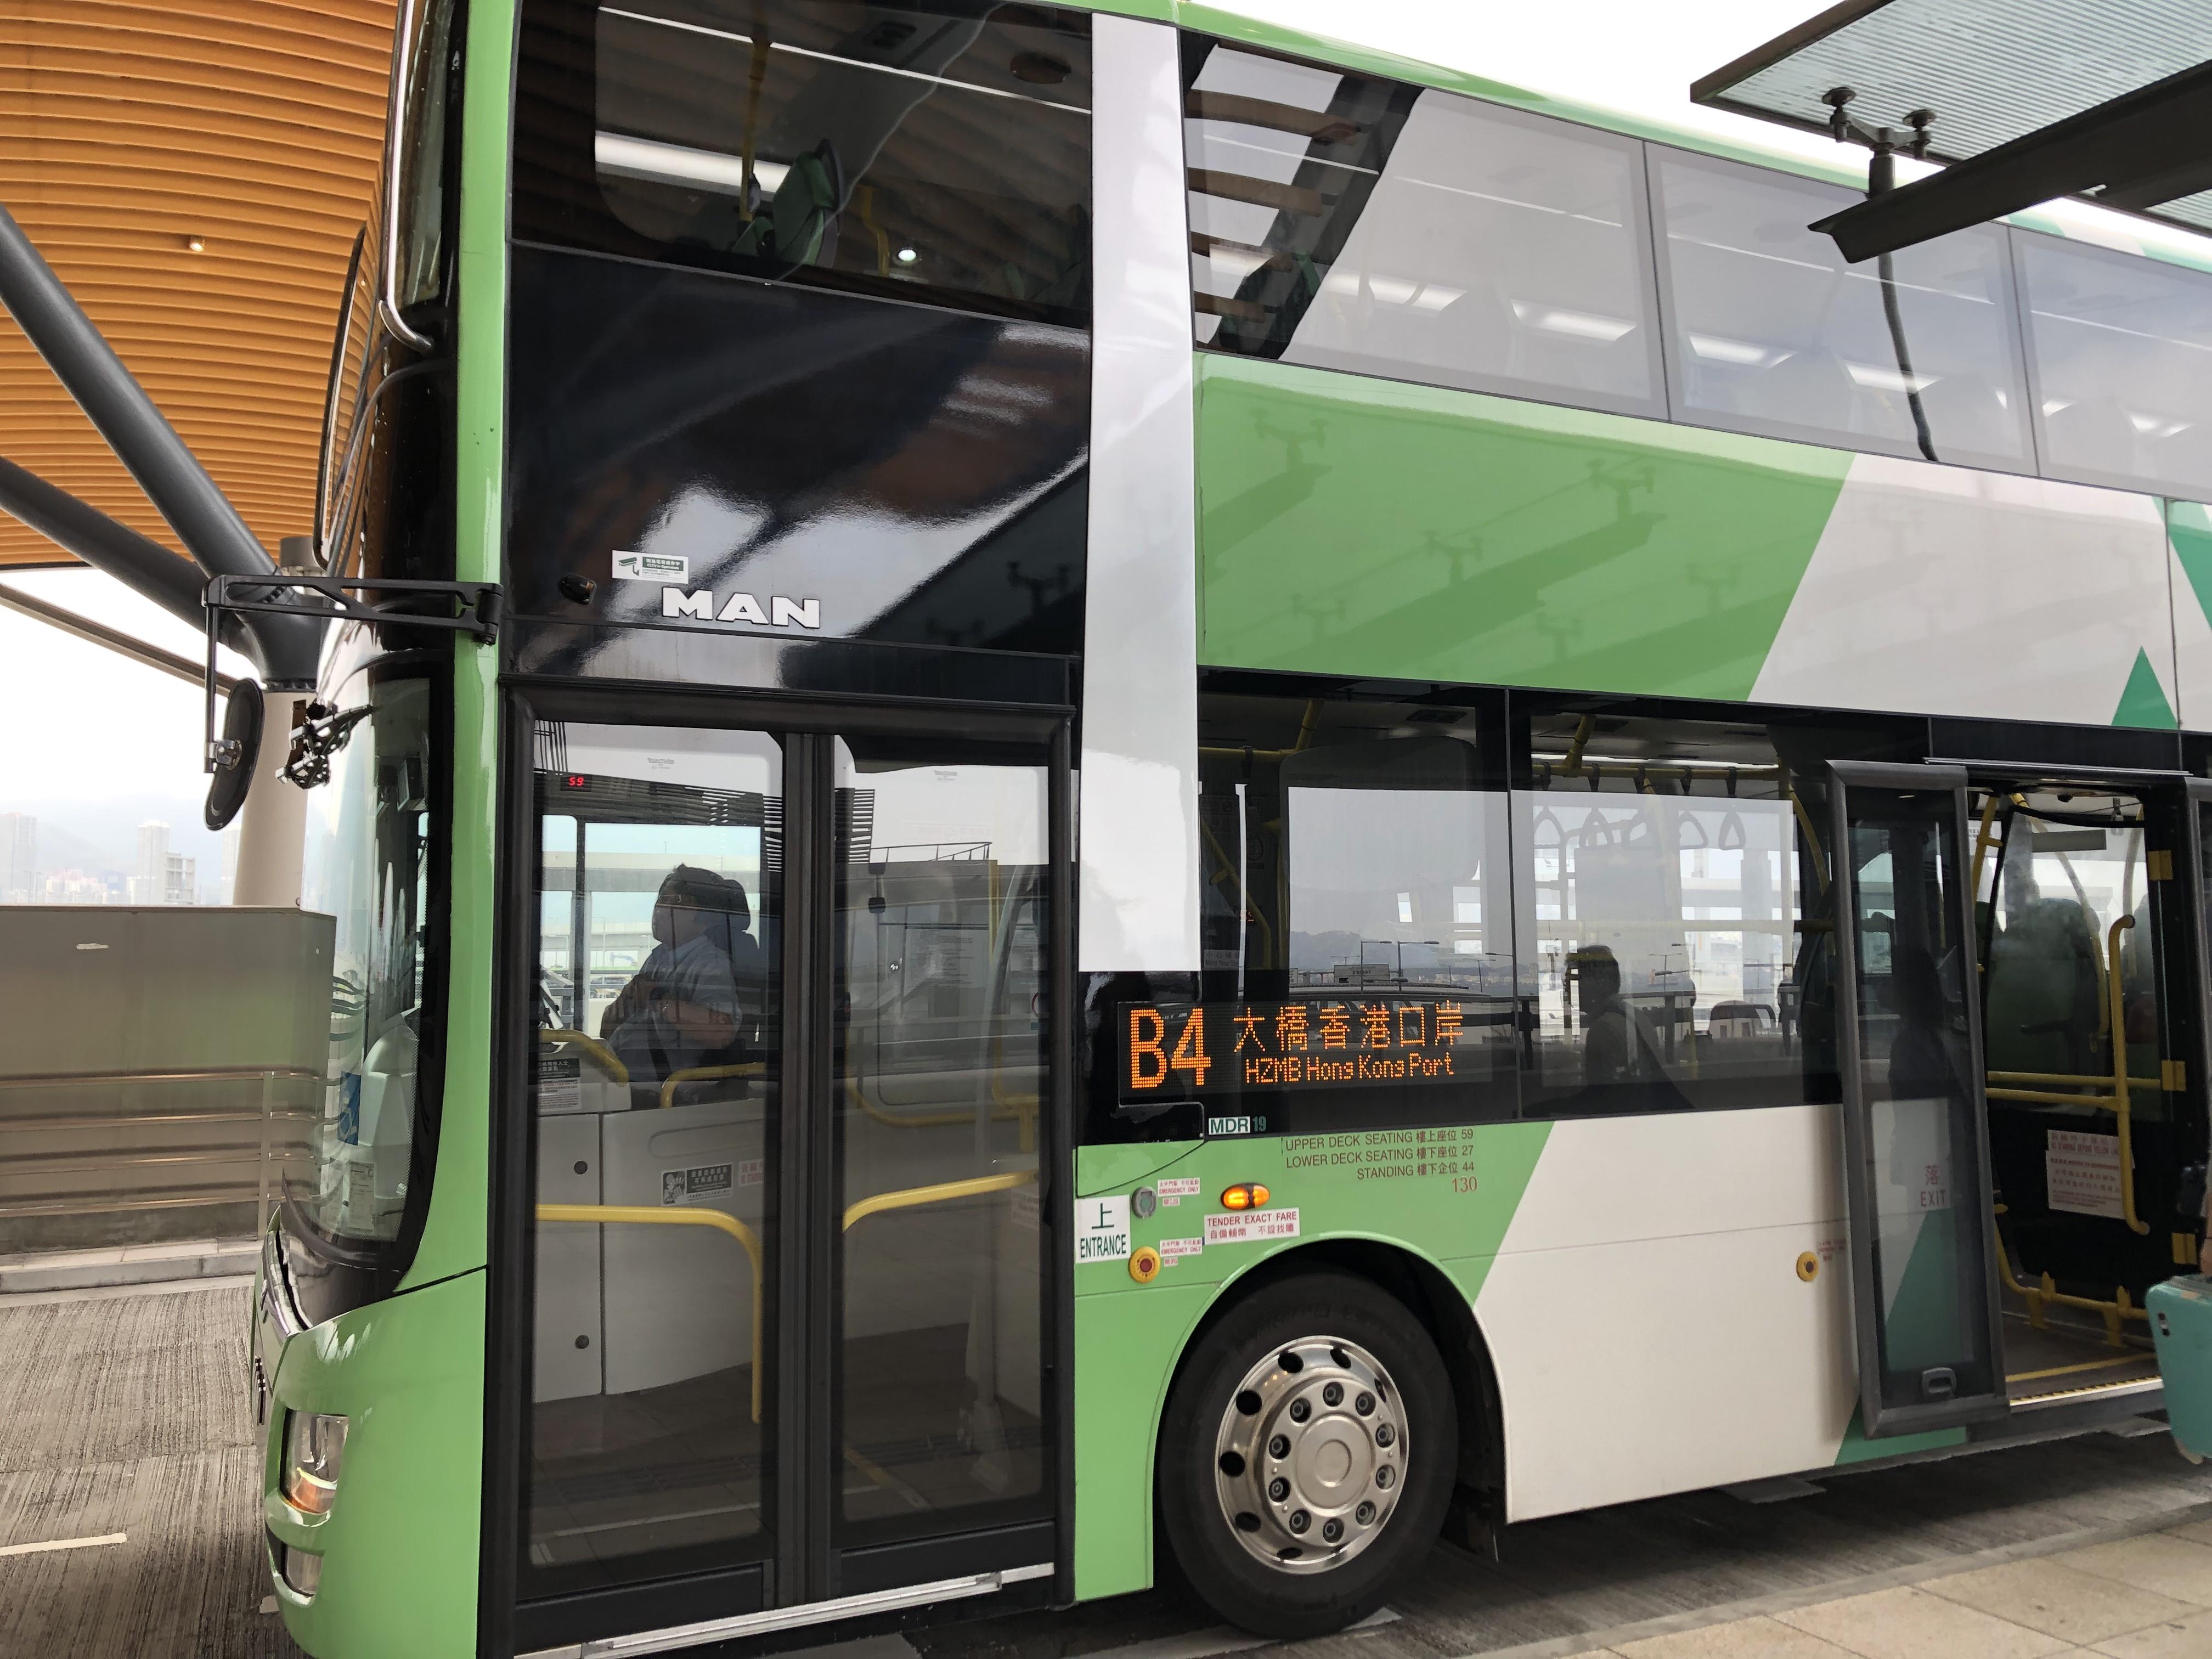 港珠澳大橋の香港側の乗り場「香港口岸」に香港国際空港から向かうB4のバス